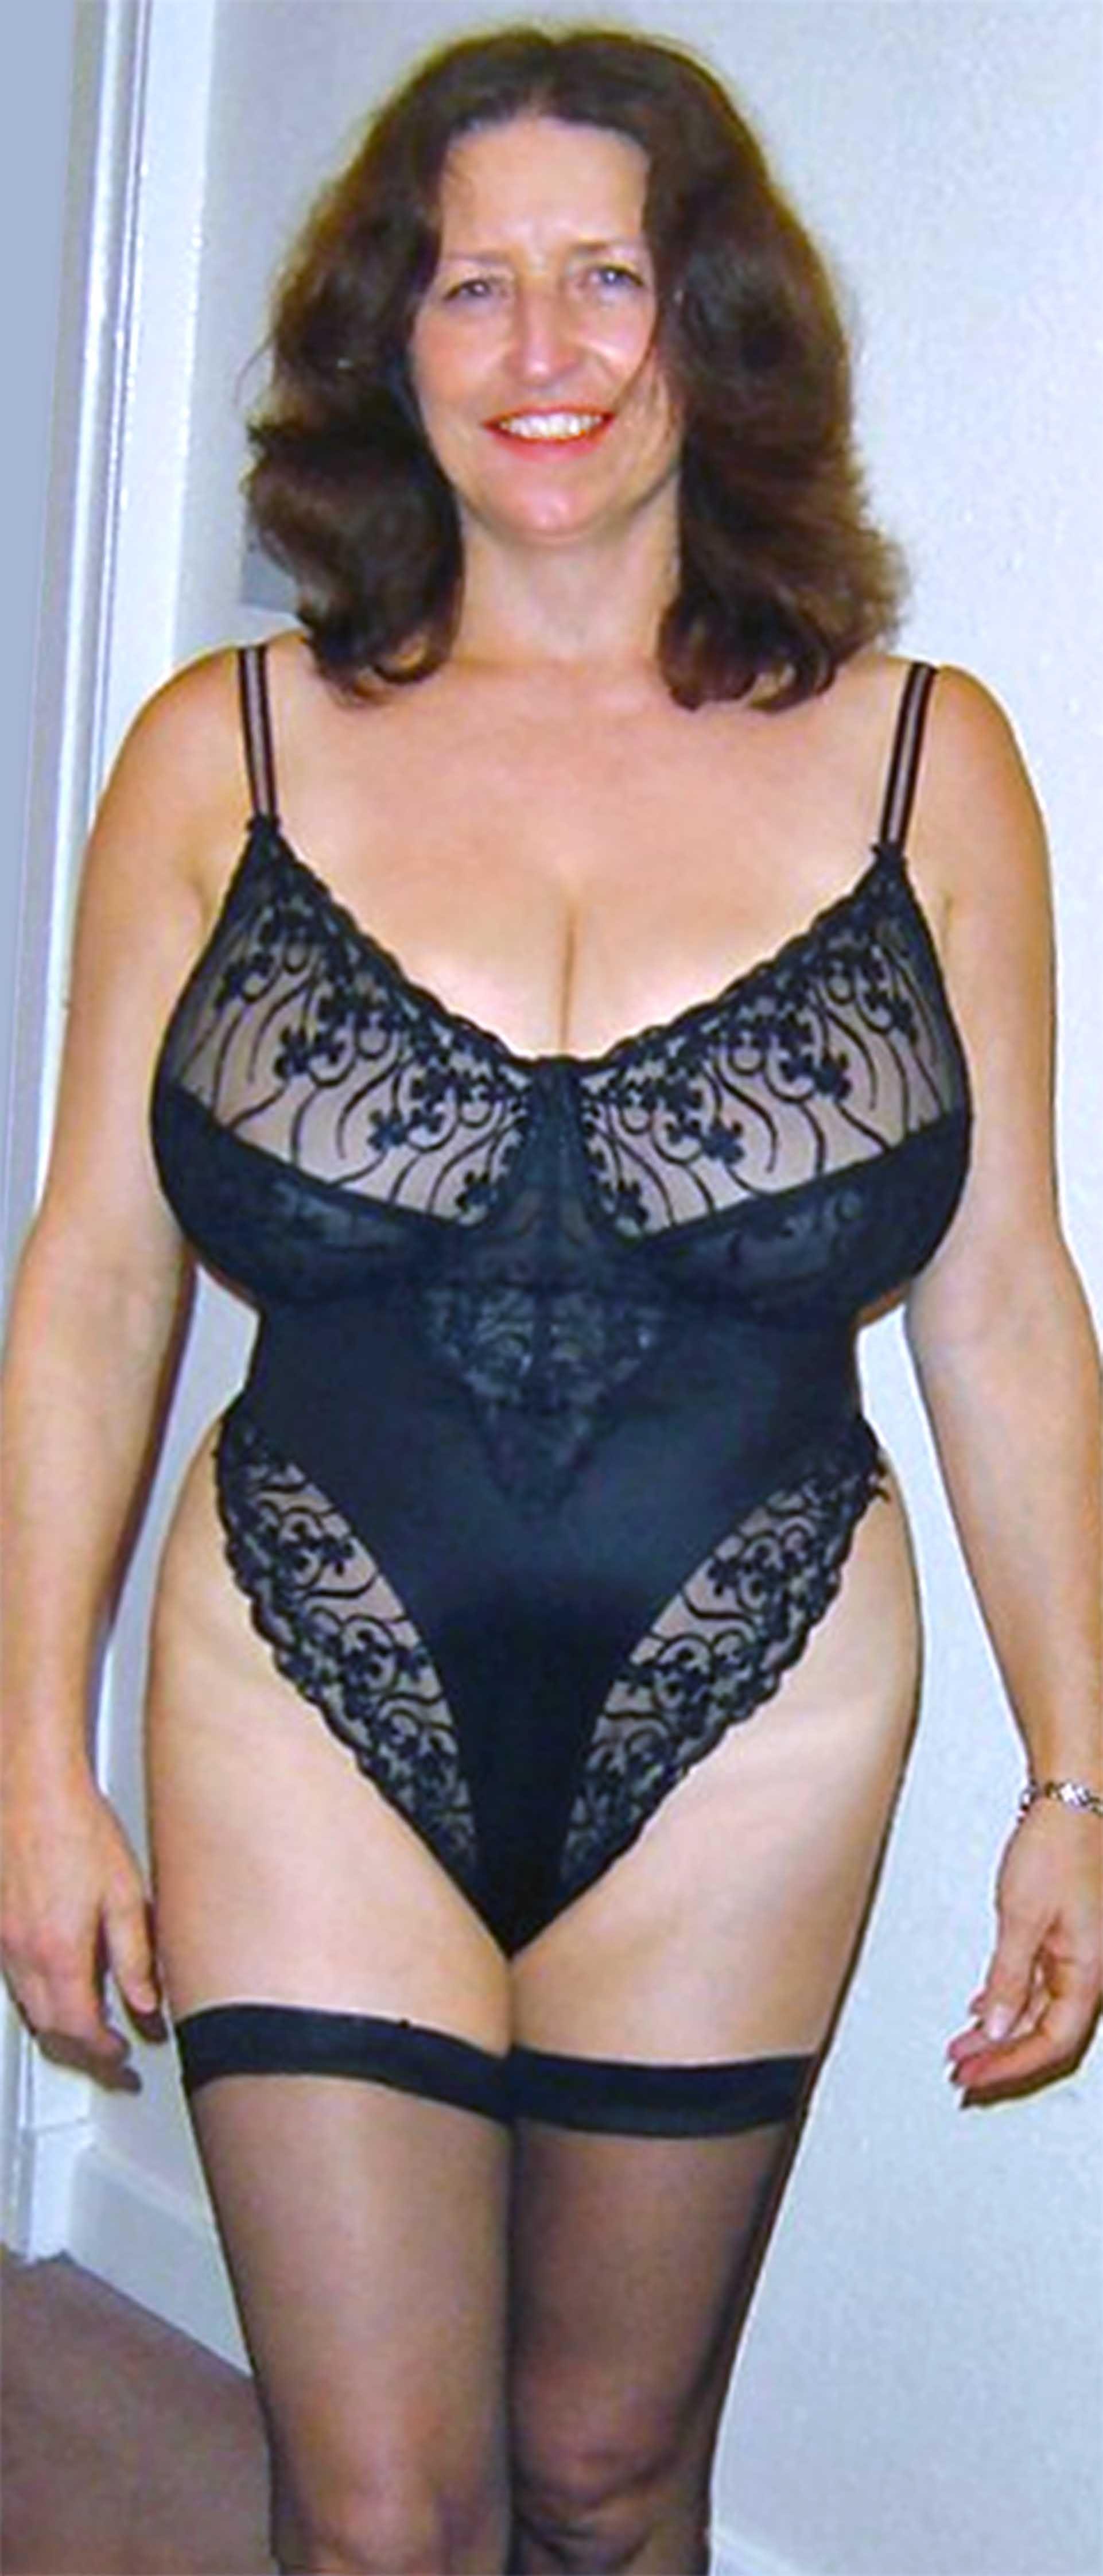 Mature women see through panty